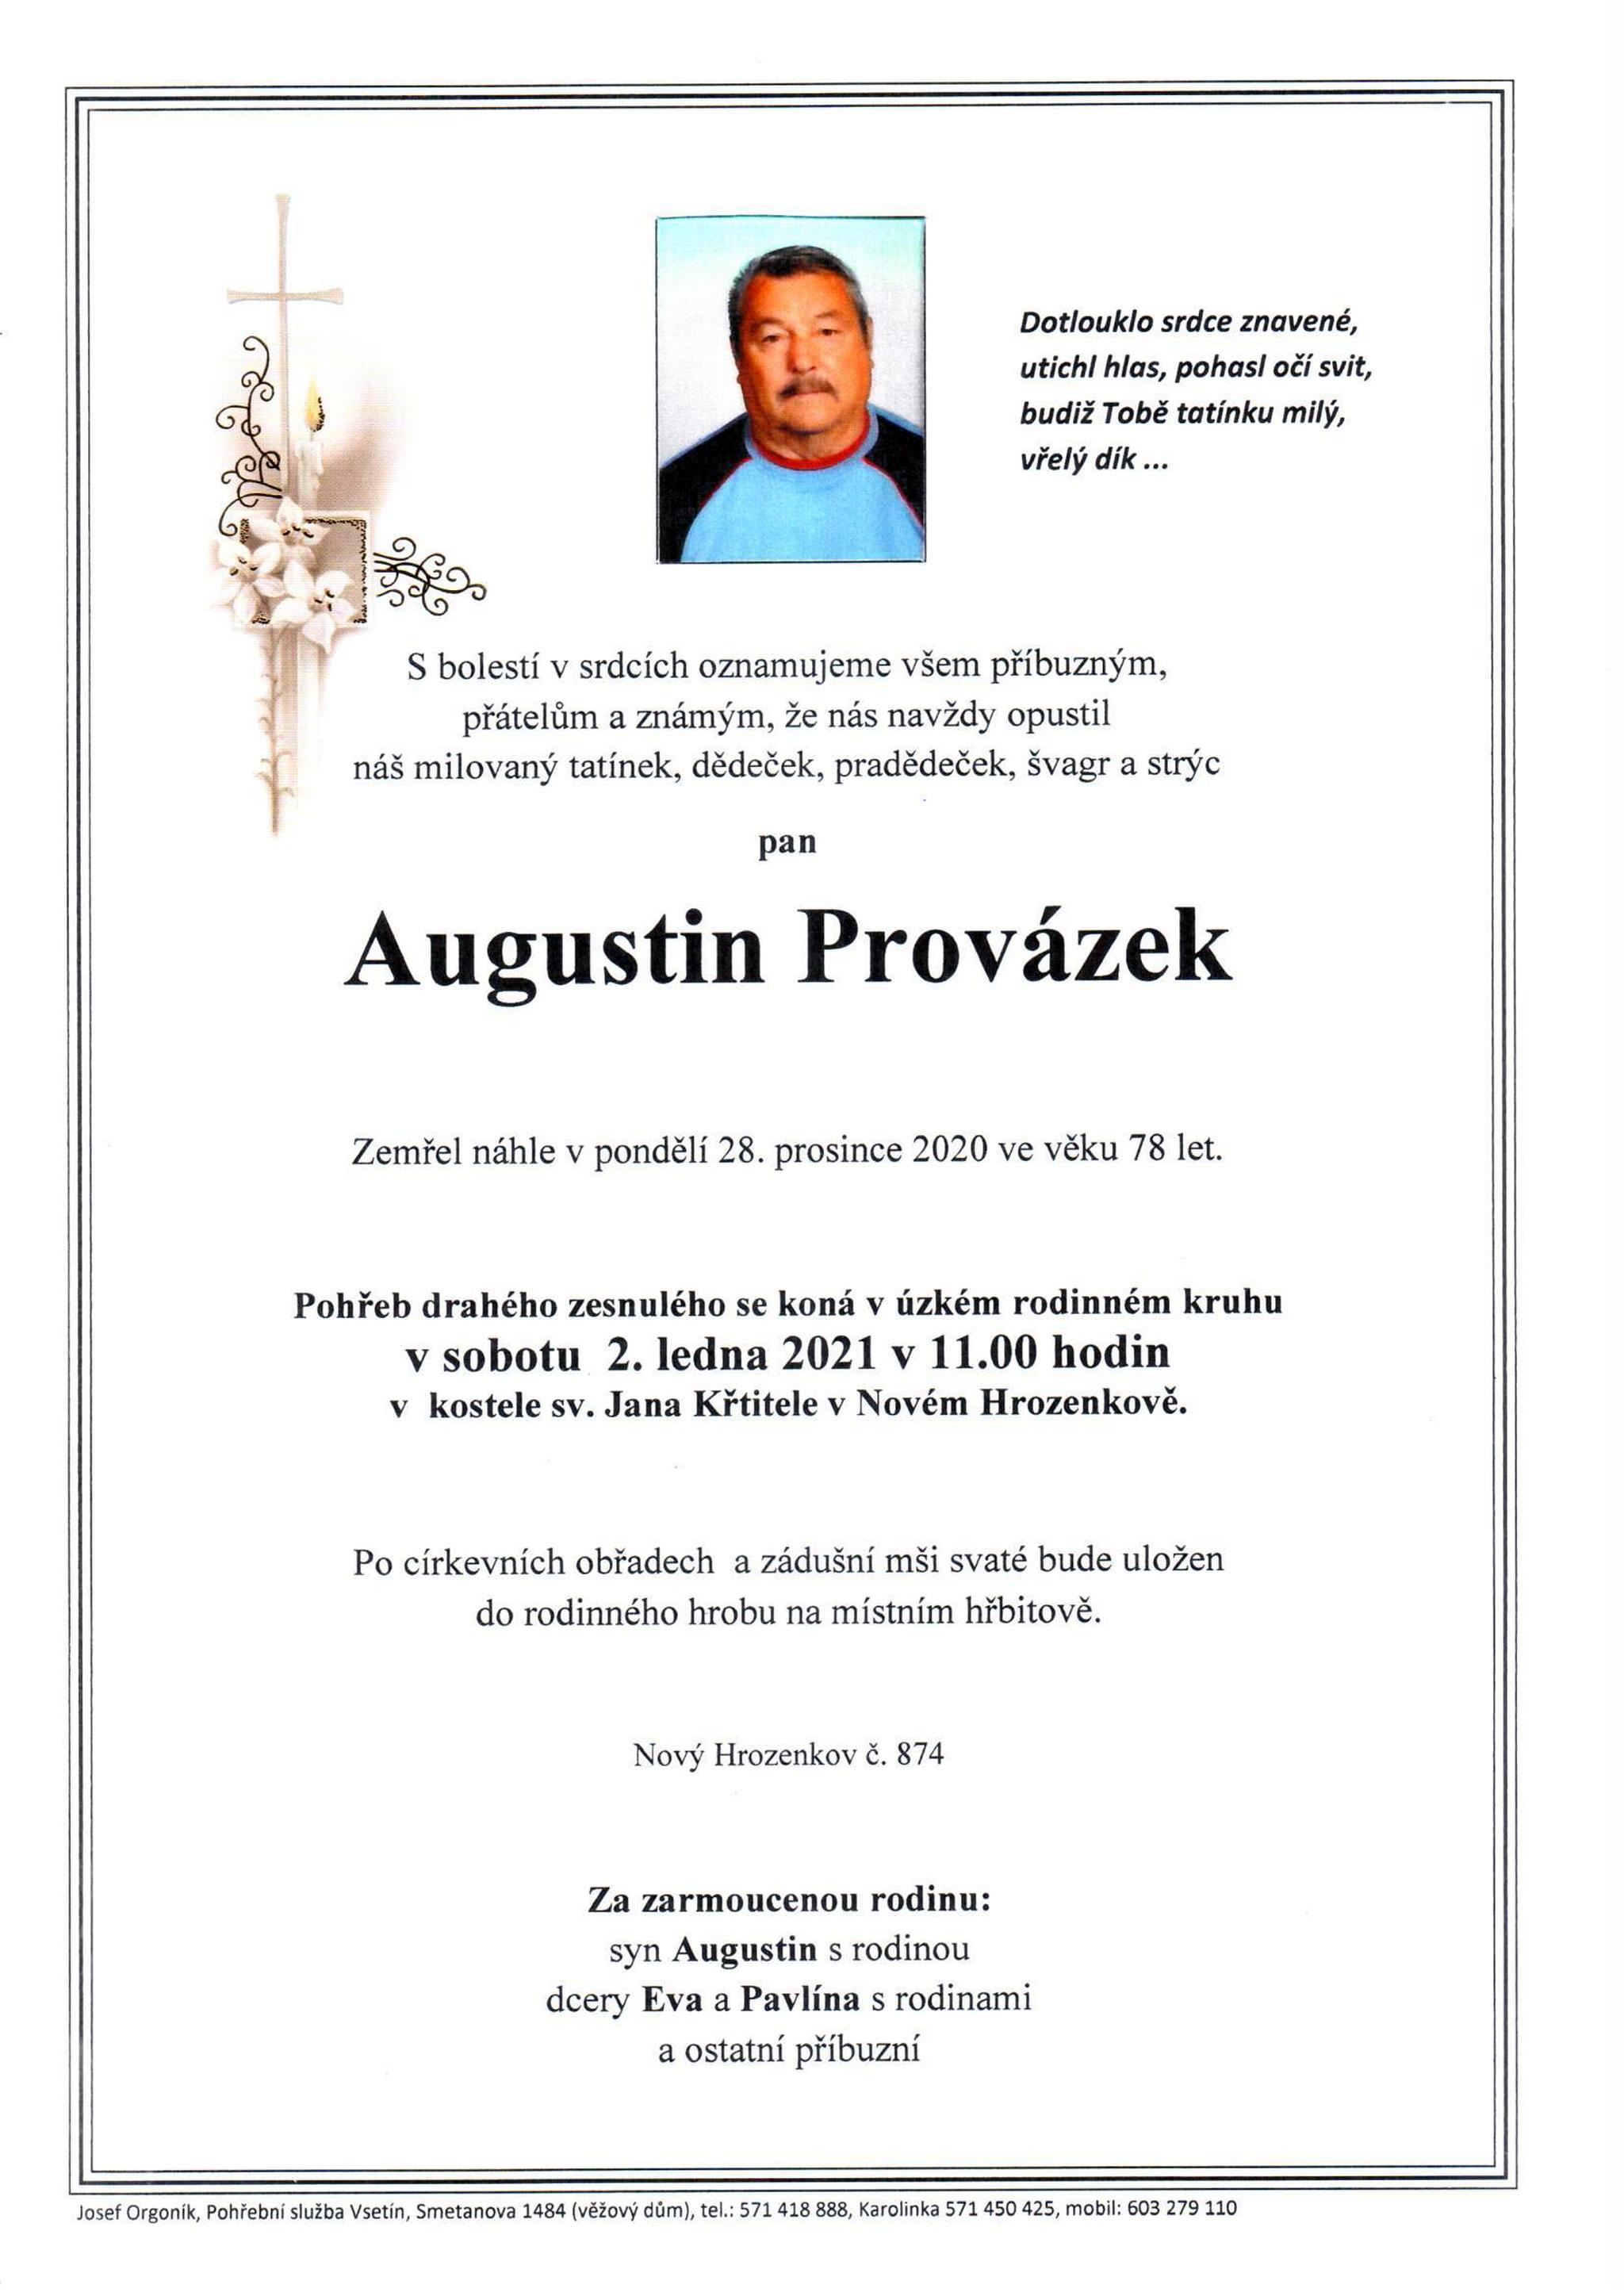 Augustin Provázek